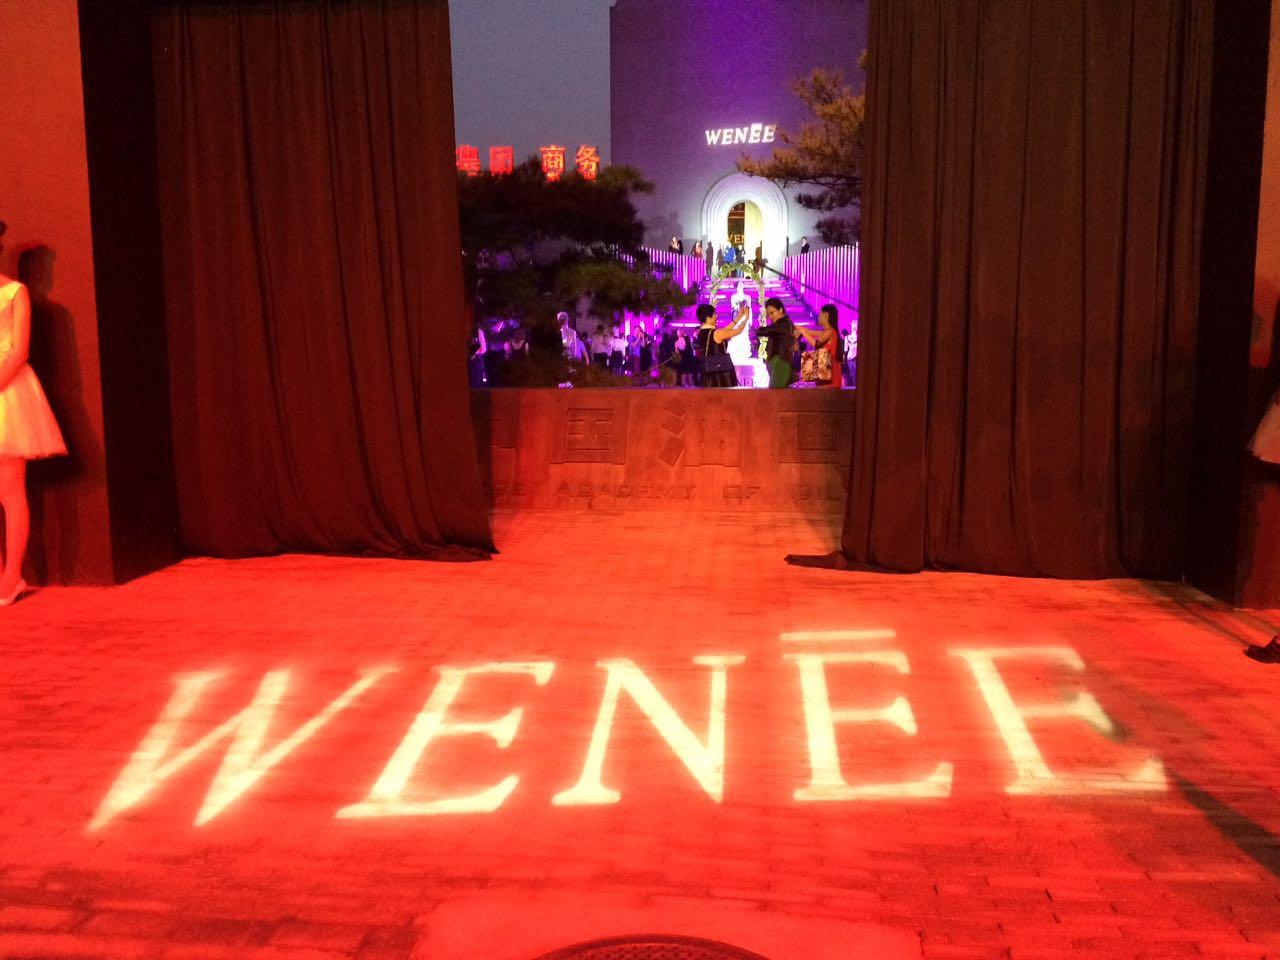 008|007|006|005|必威电竞官方网站薇妮体雕WENEE发布会